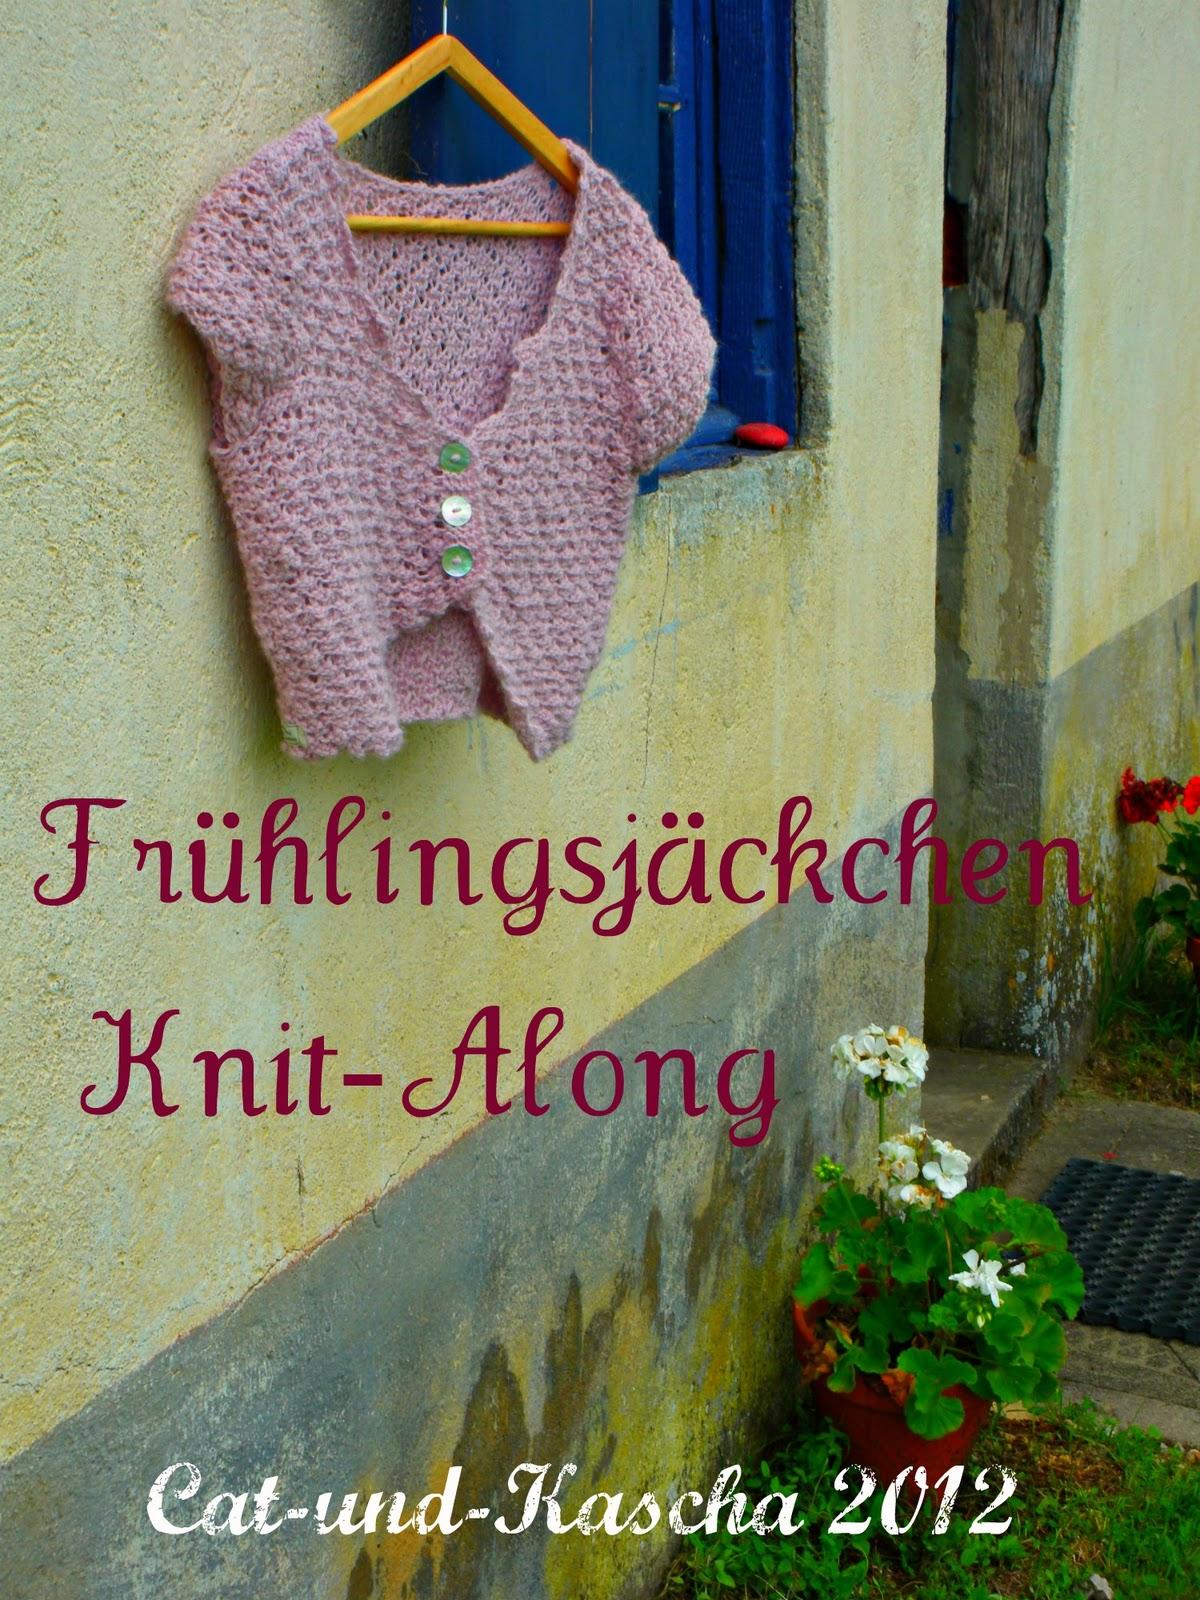 Frühlingsjäckchen Knit along